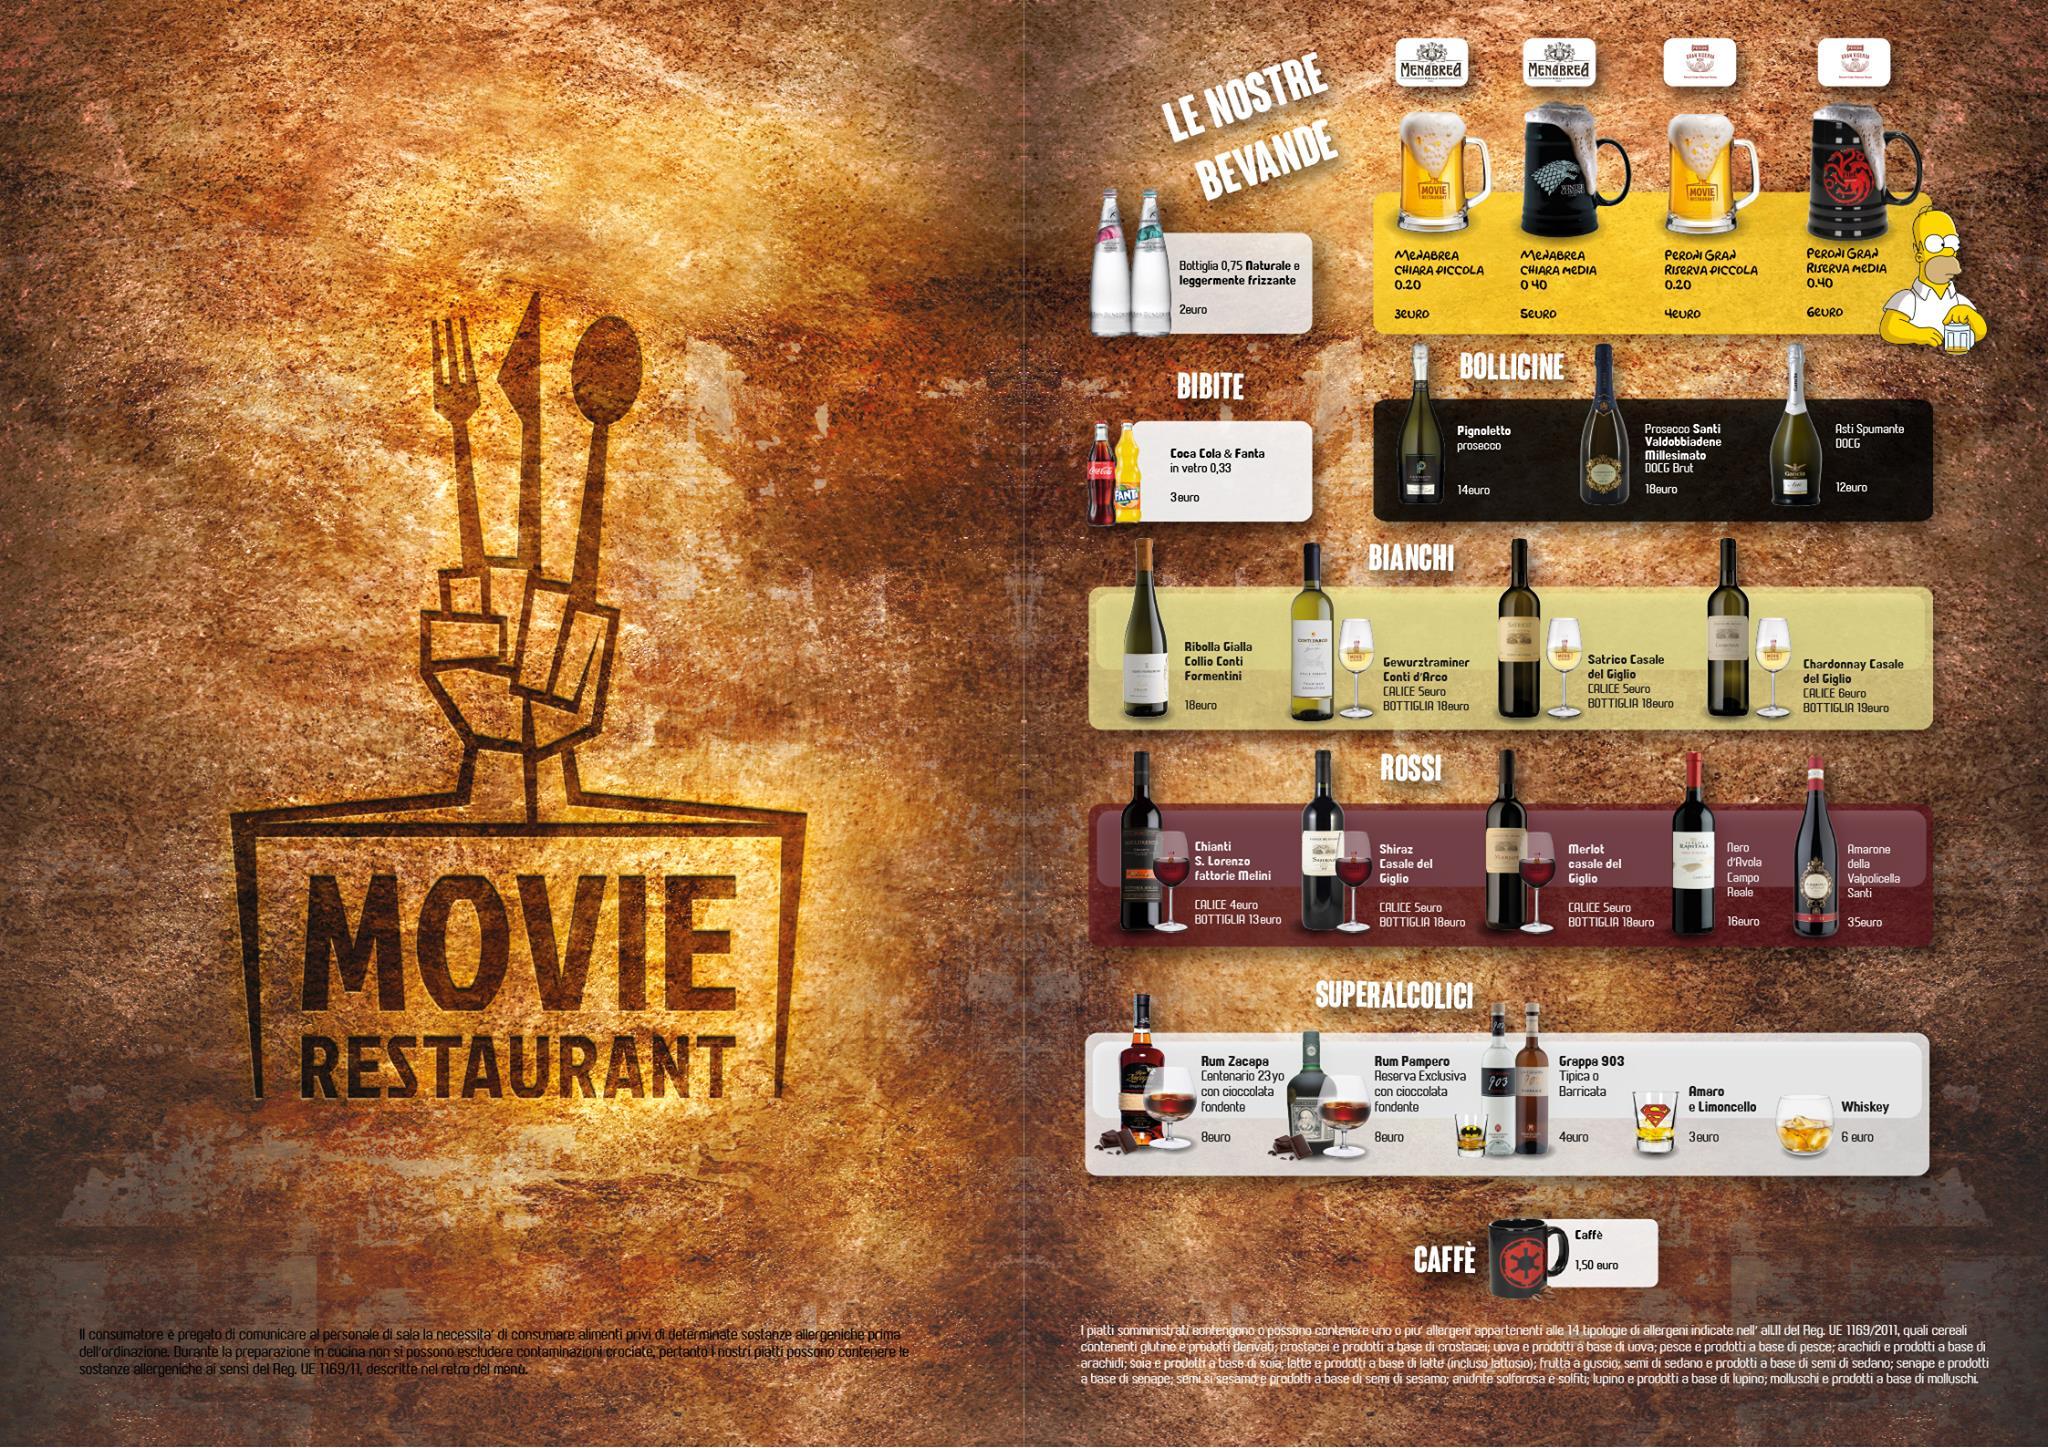 movie restaurant (17)